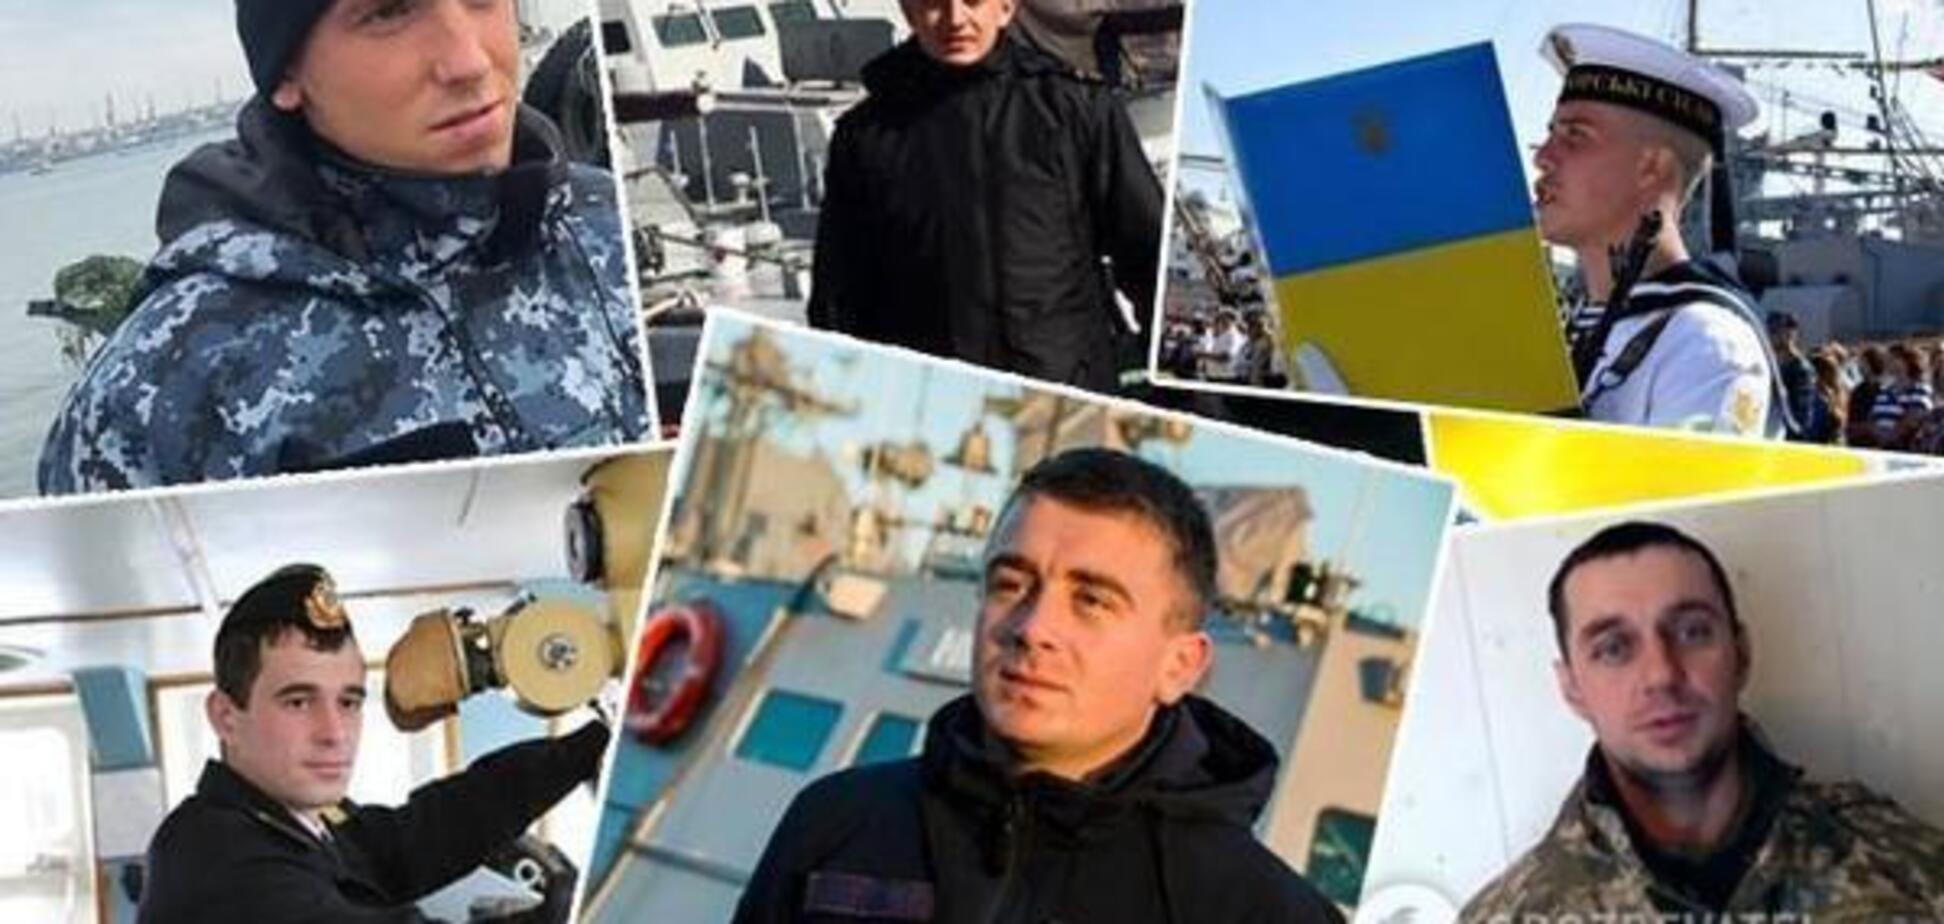 ''Треба визволяти'': у Росії заговорили про обмін українських моряків